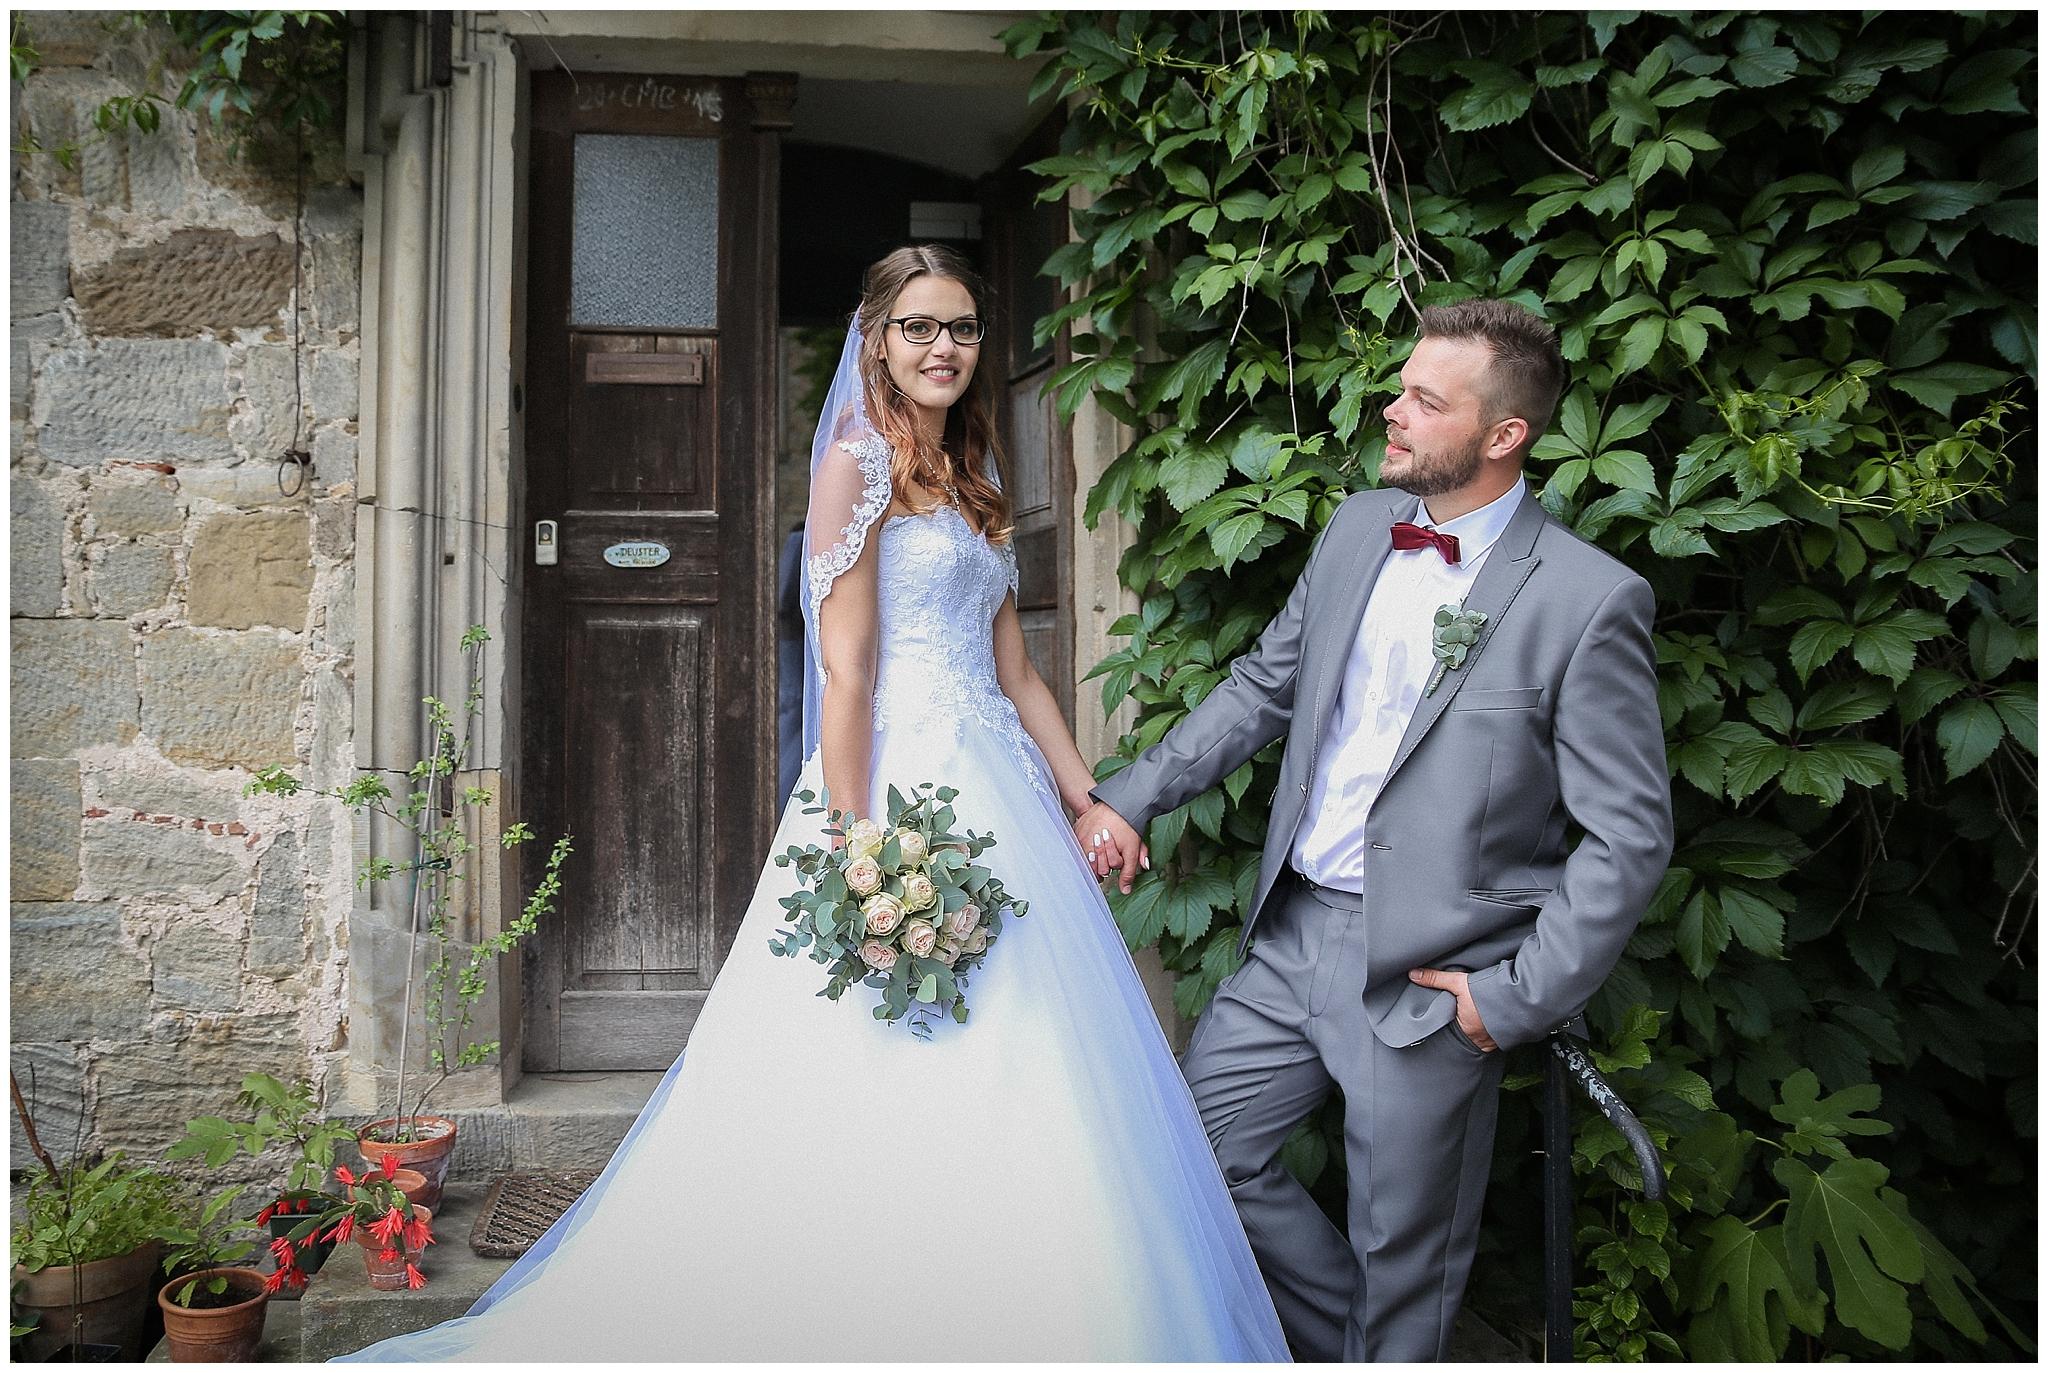 Hochzeit_Menninger_dieLICHTBUILDER_54.jpg